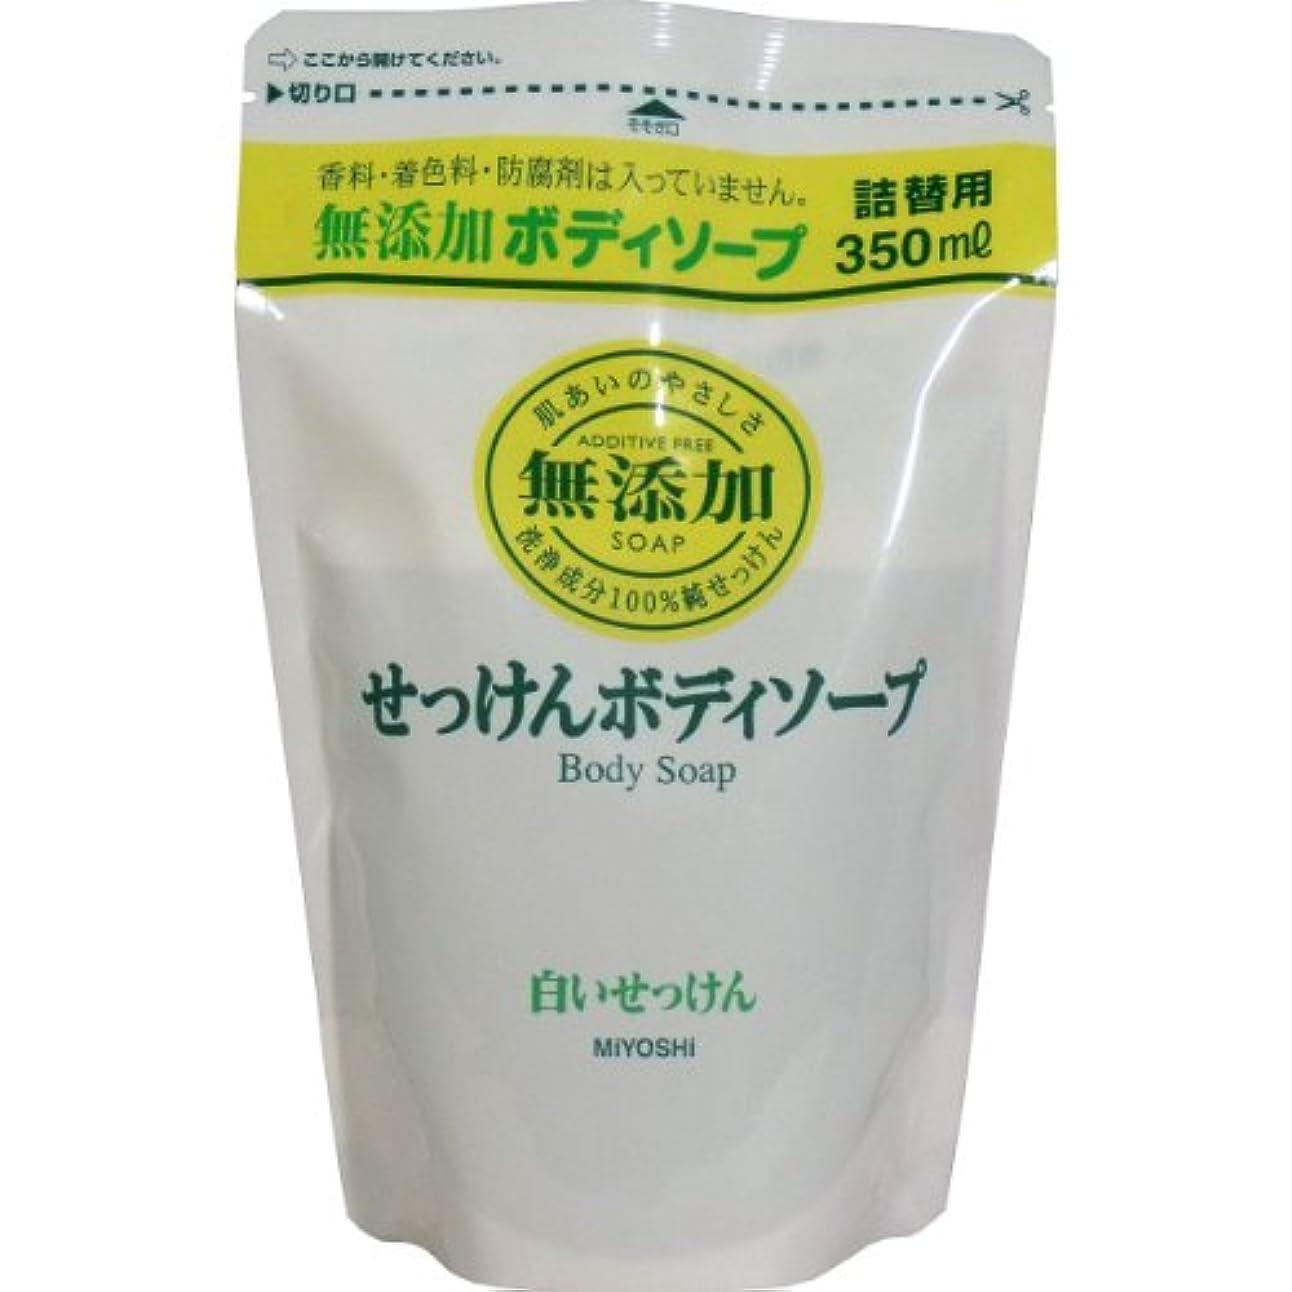 革命バーゲン故意のミヨシ 無添加 ボディソープ 白い石けん つめかえ用 350ml(無添加石鹸) x 10個セット